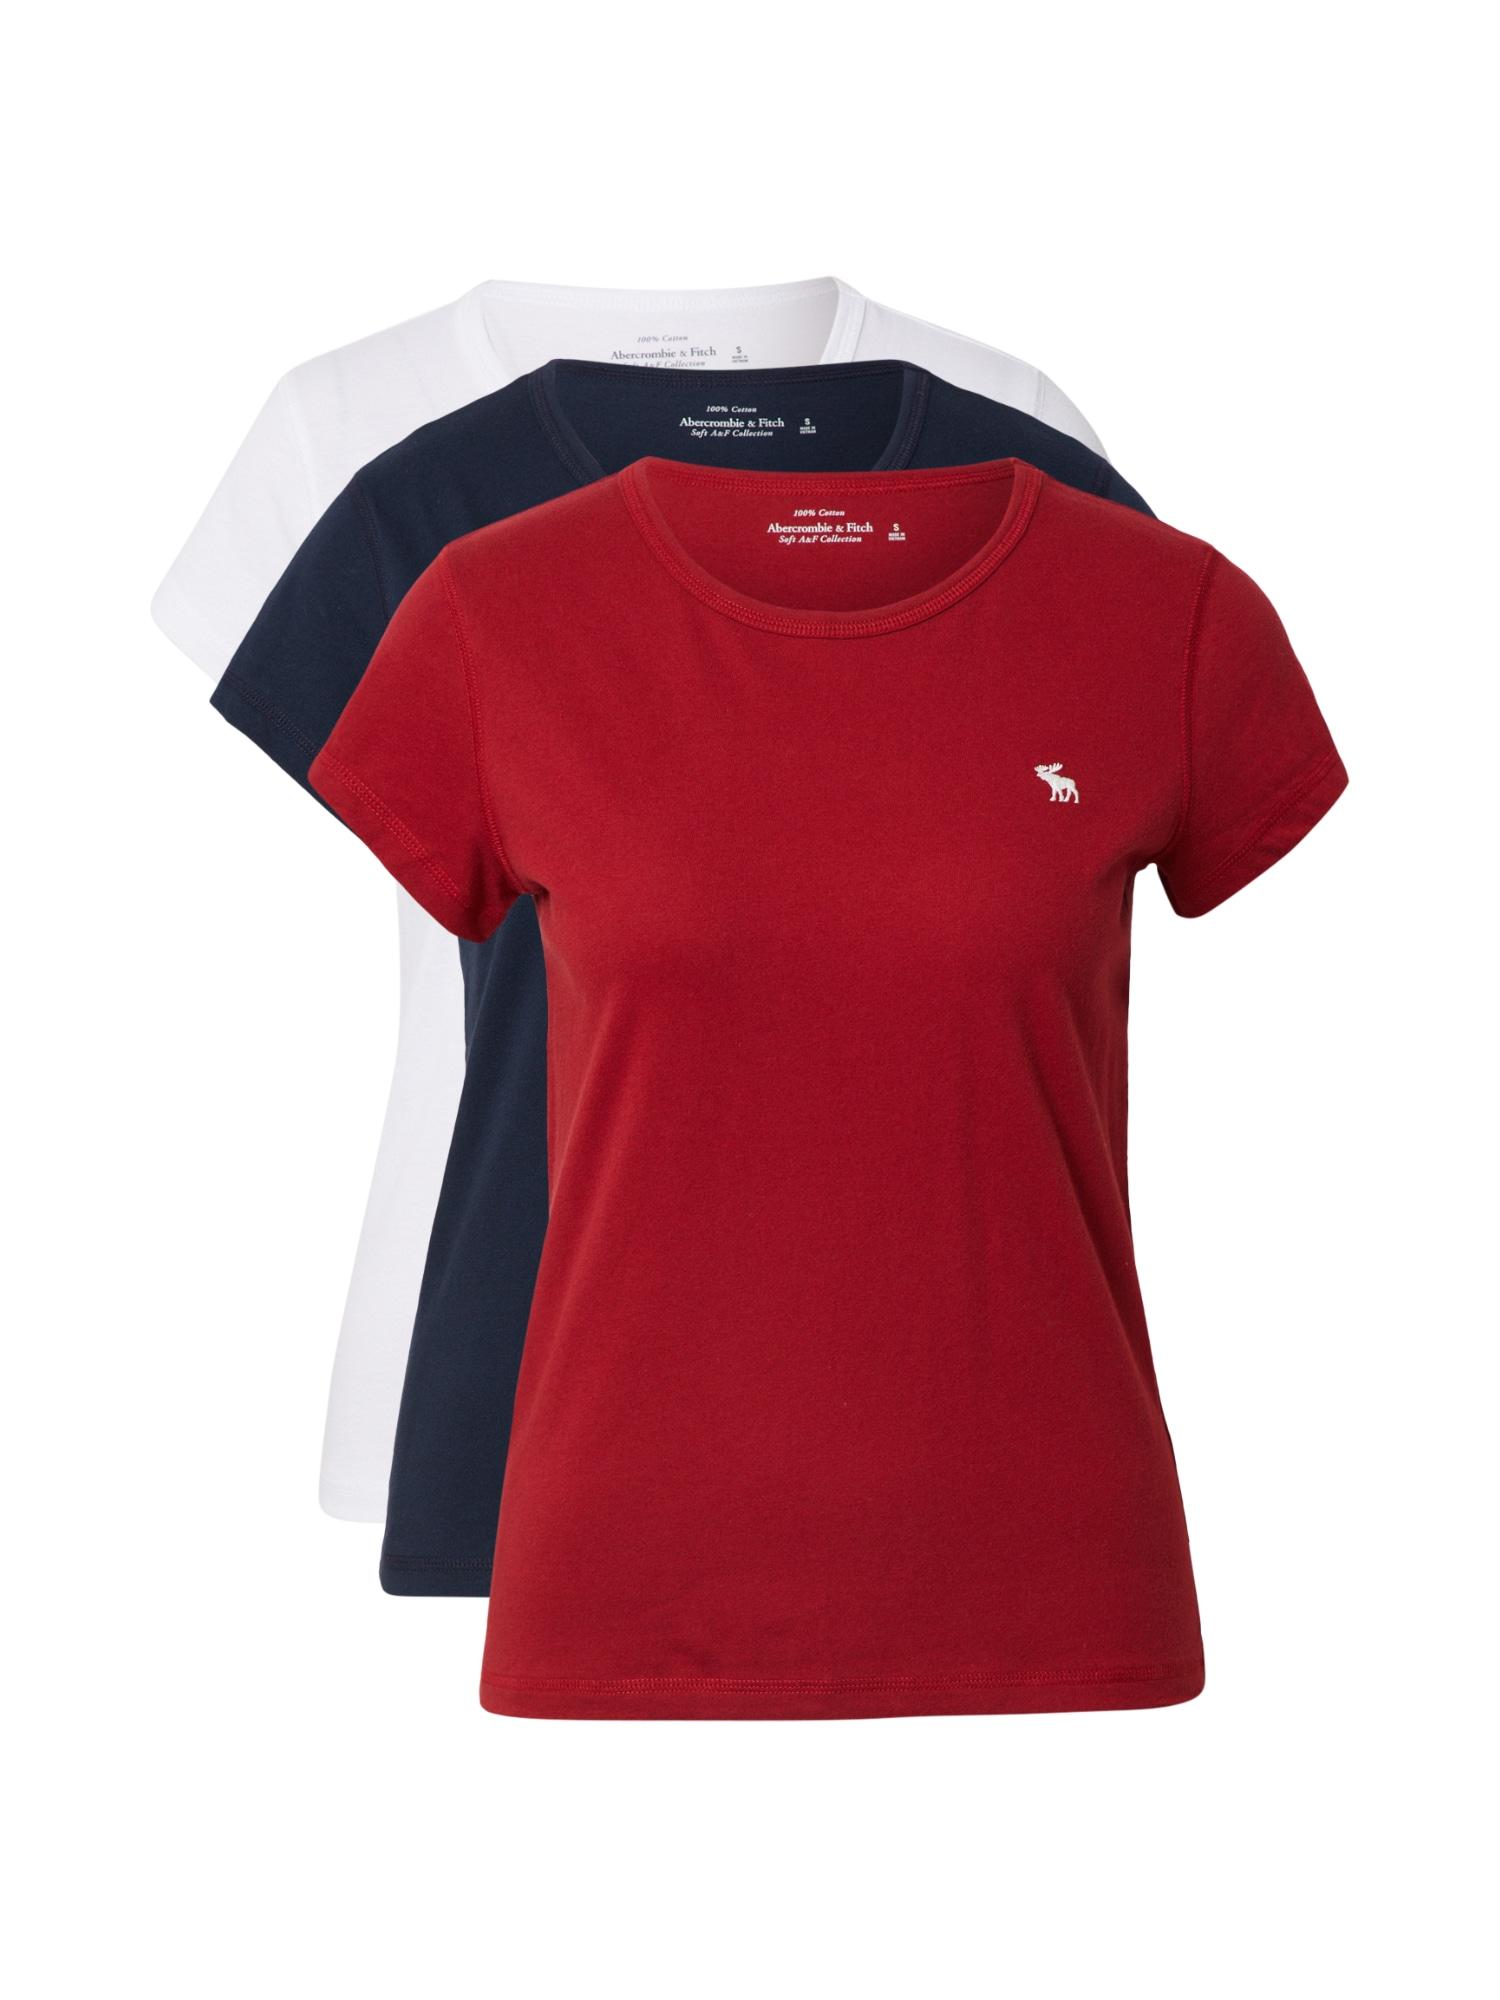 Abercrombie & Fitch Marškinėliai raudona / balta / tamsiai mėlyna